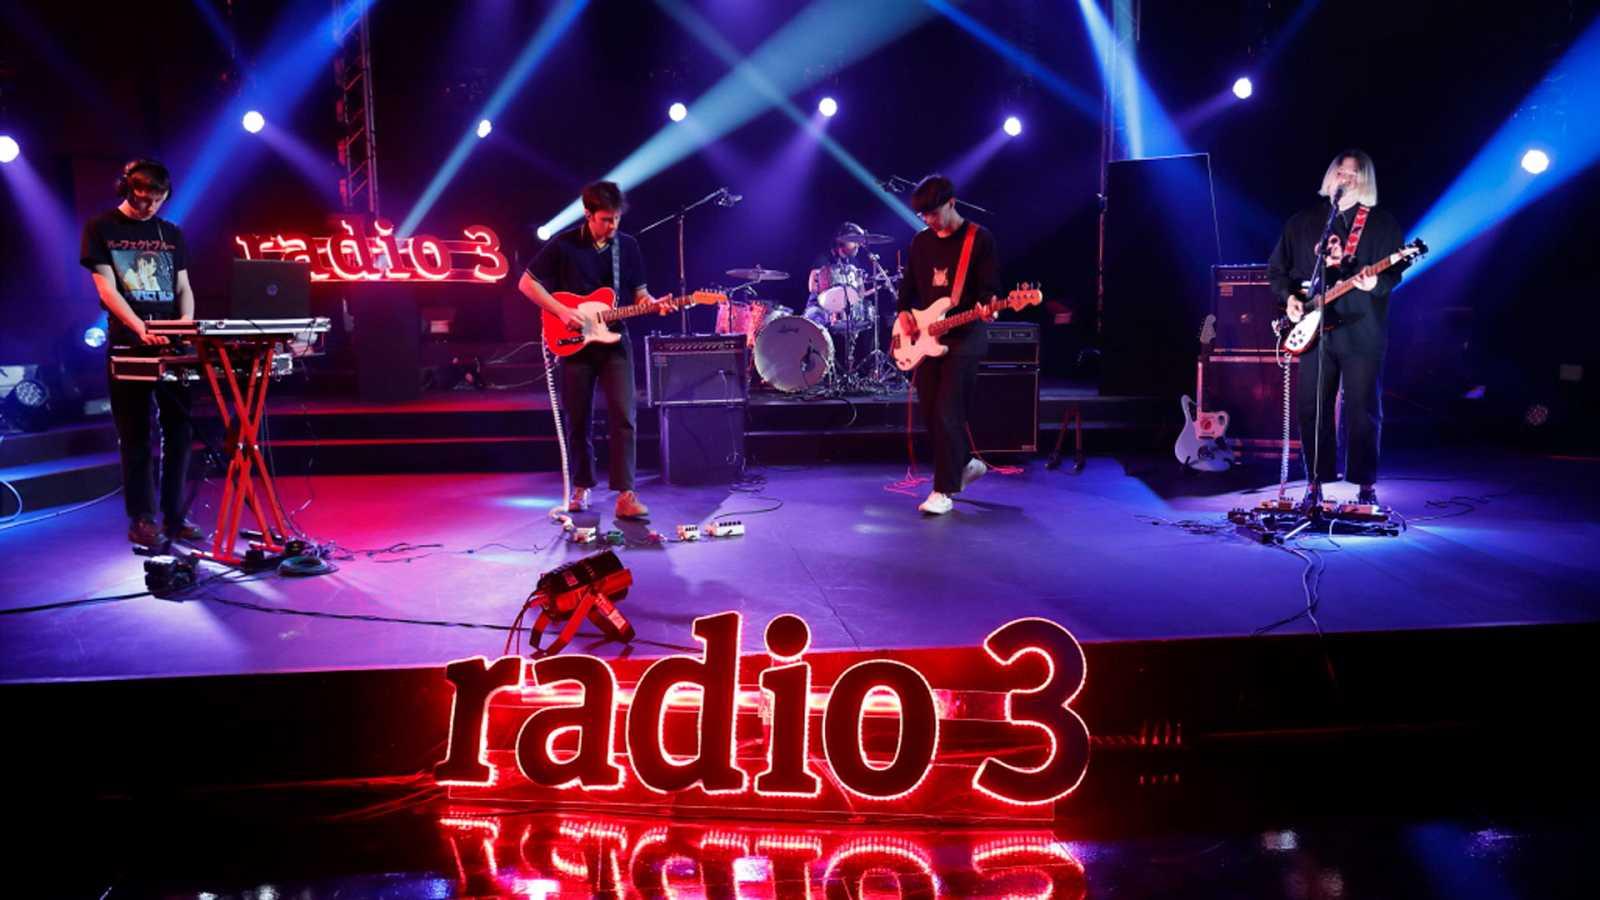 Los conciertos de Radio 3 - Dharmacide - 05/03/21 - escuchar ahora